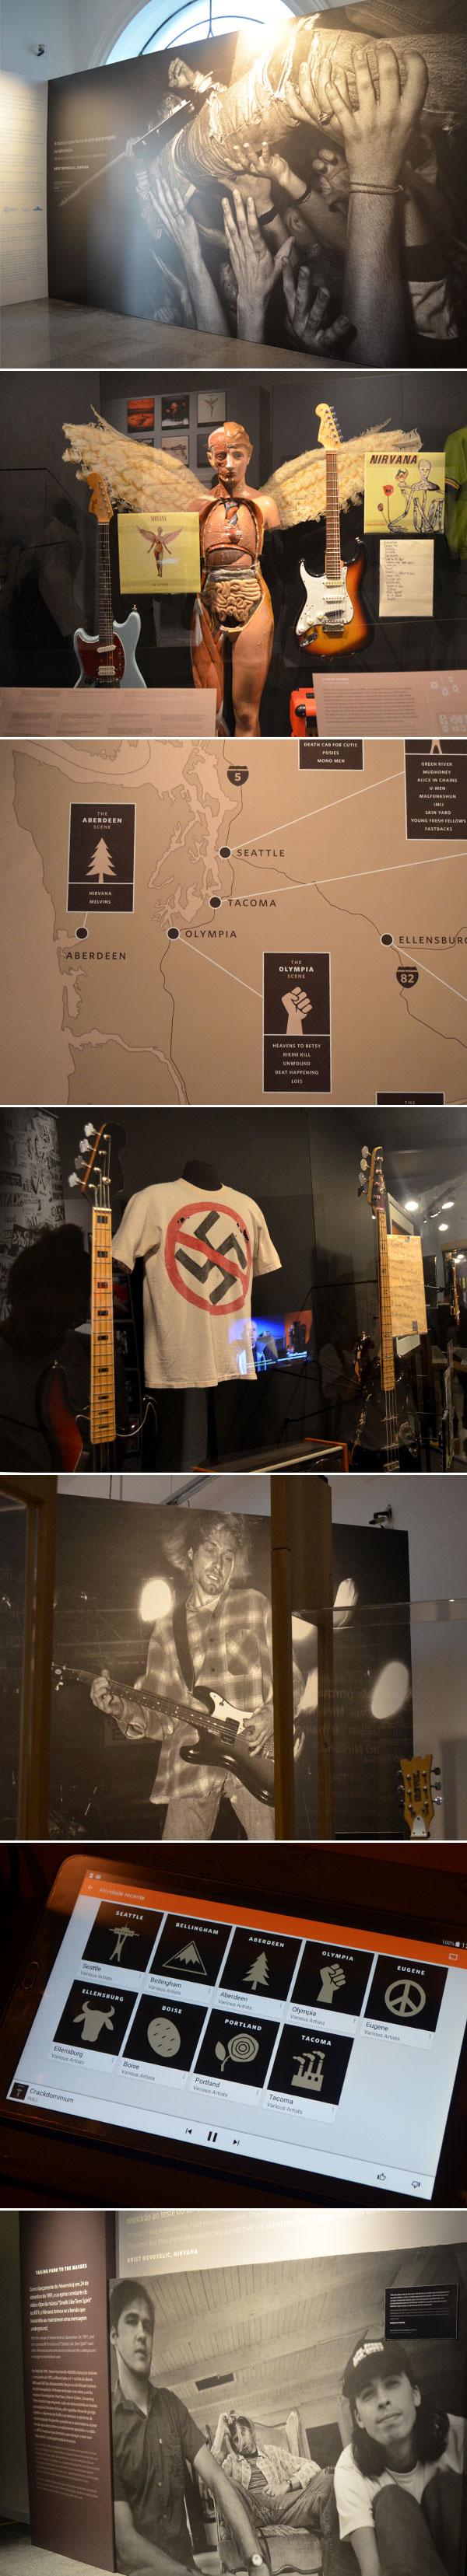 Nirvana: Taking Punk to the Masses | Samsung Rock Exhibition - fotos da exposição no Museu Histórico Nacional, no Rio de Janeiro